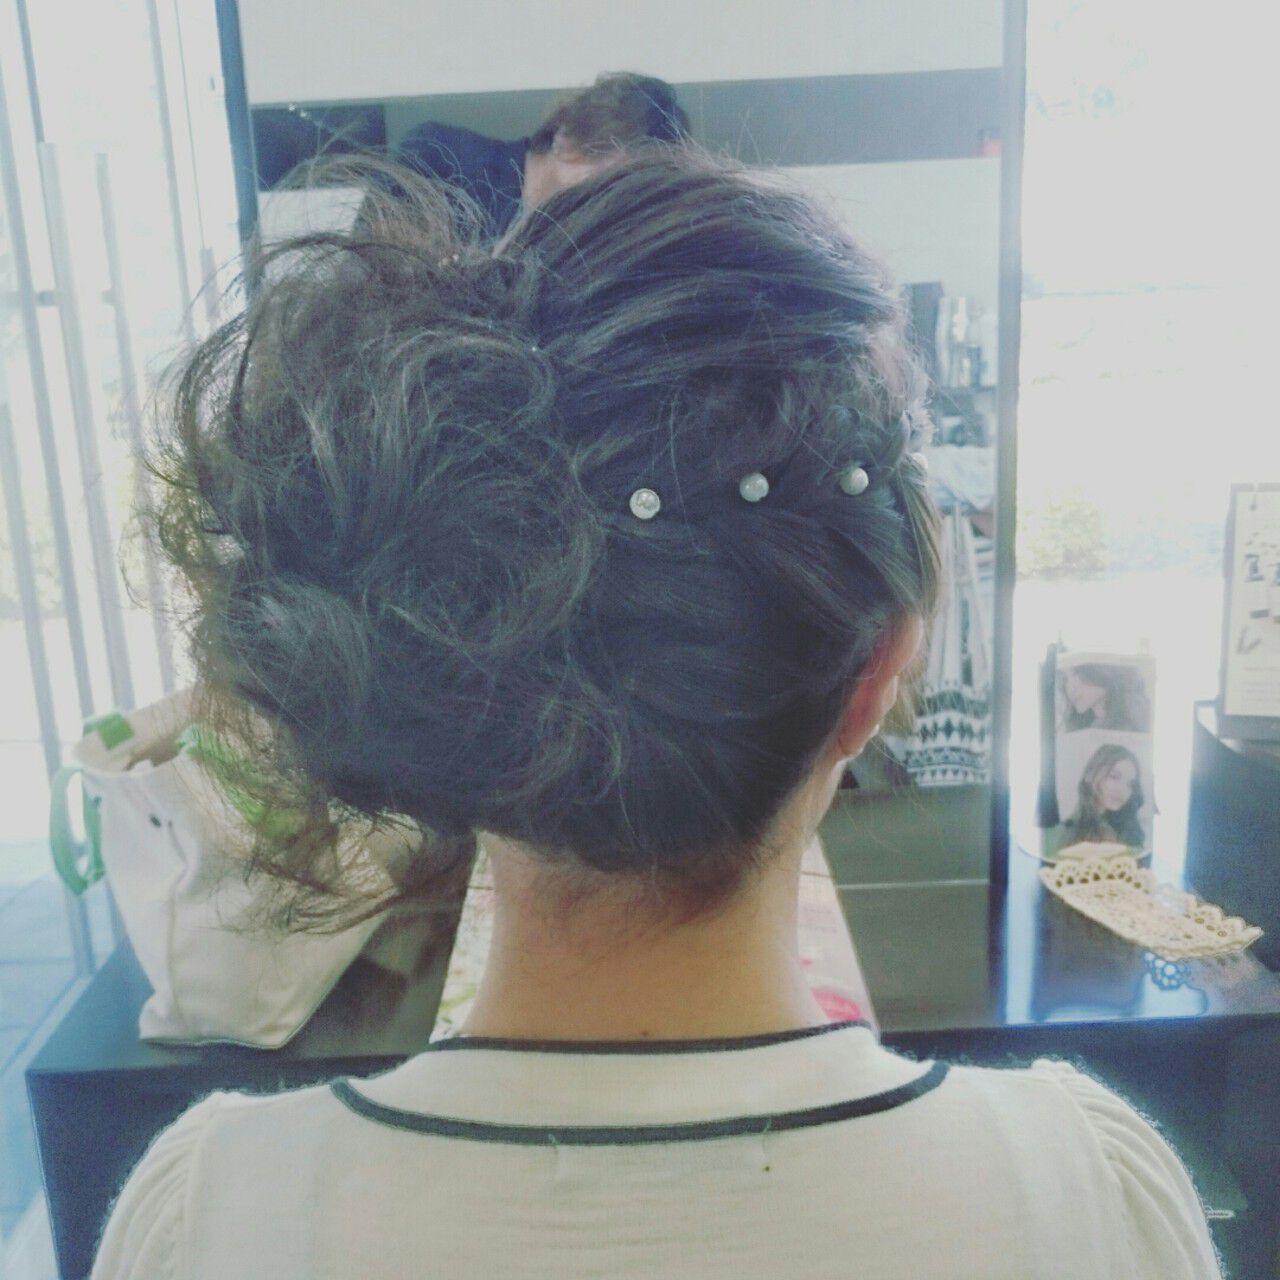 パーティ 結婚式 ヘアアレンジ フェミニンヘアスタイルや髪型の写真・画像